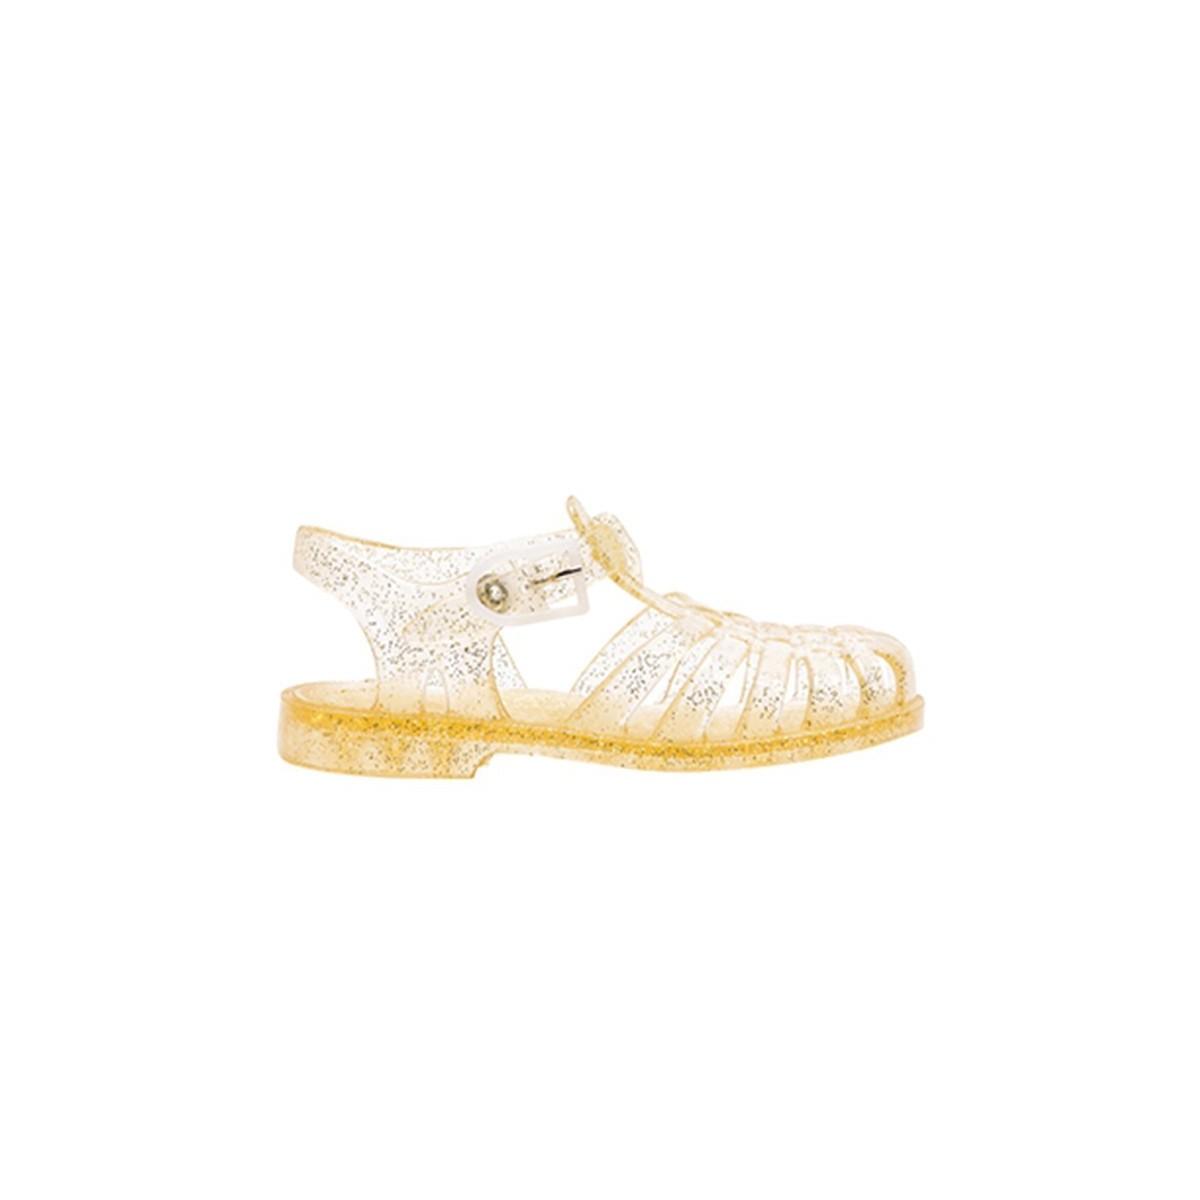 Sandale Méduse doré paillettes